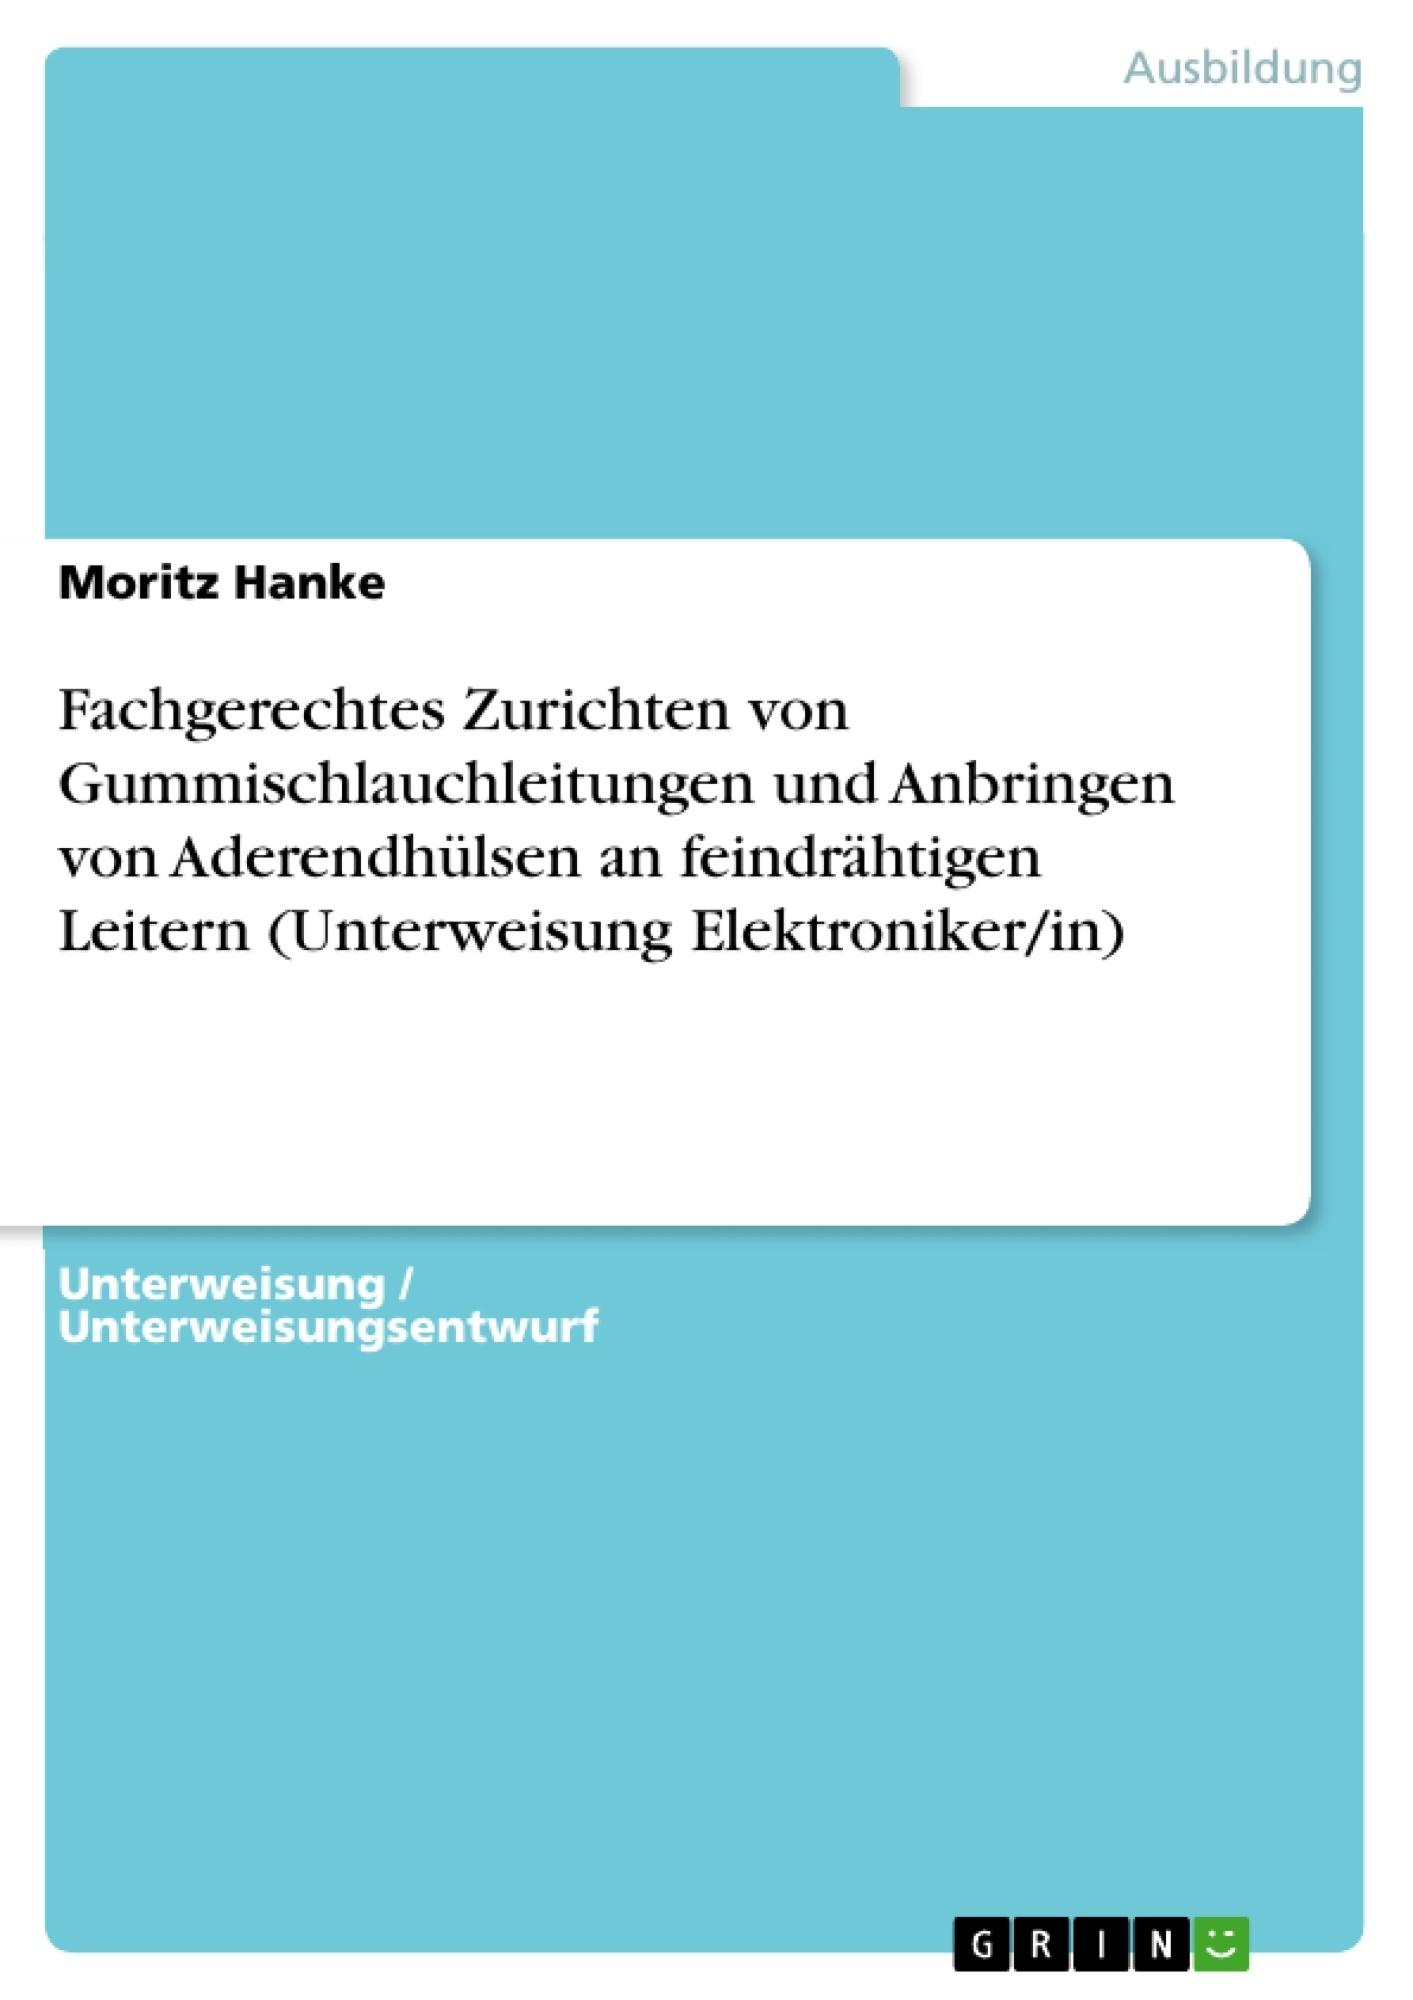 Titel: Fachgerechtes Zurichten von Gummischlauchleitungen und Anbringen von Aderendhülsen an feindrähtigen Leitern (Unterweisung Elektroniker/in)